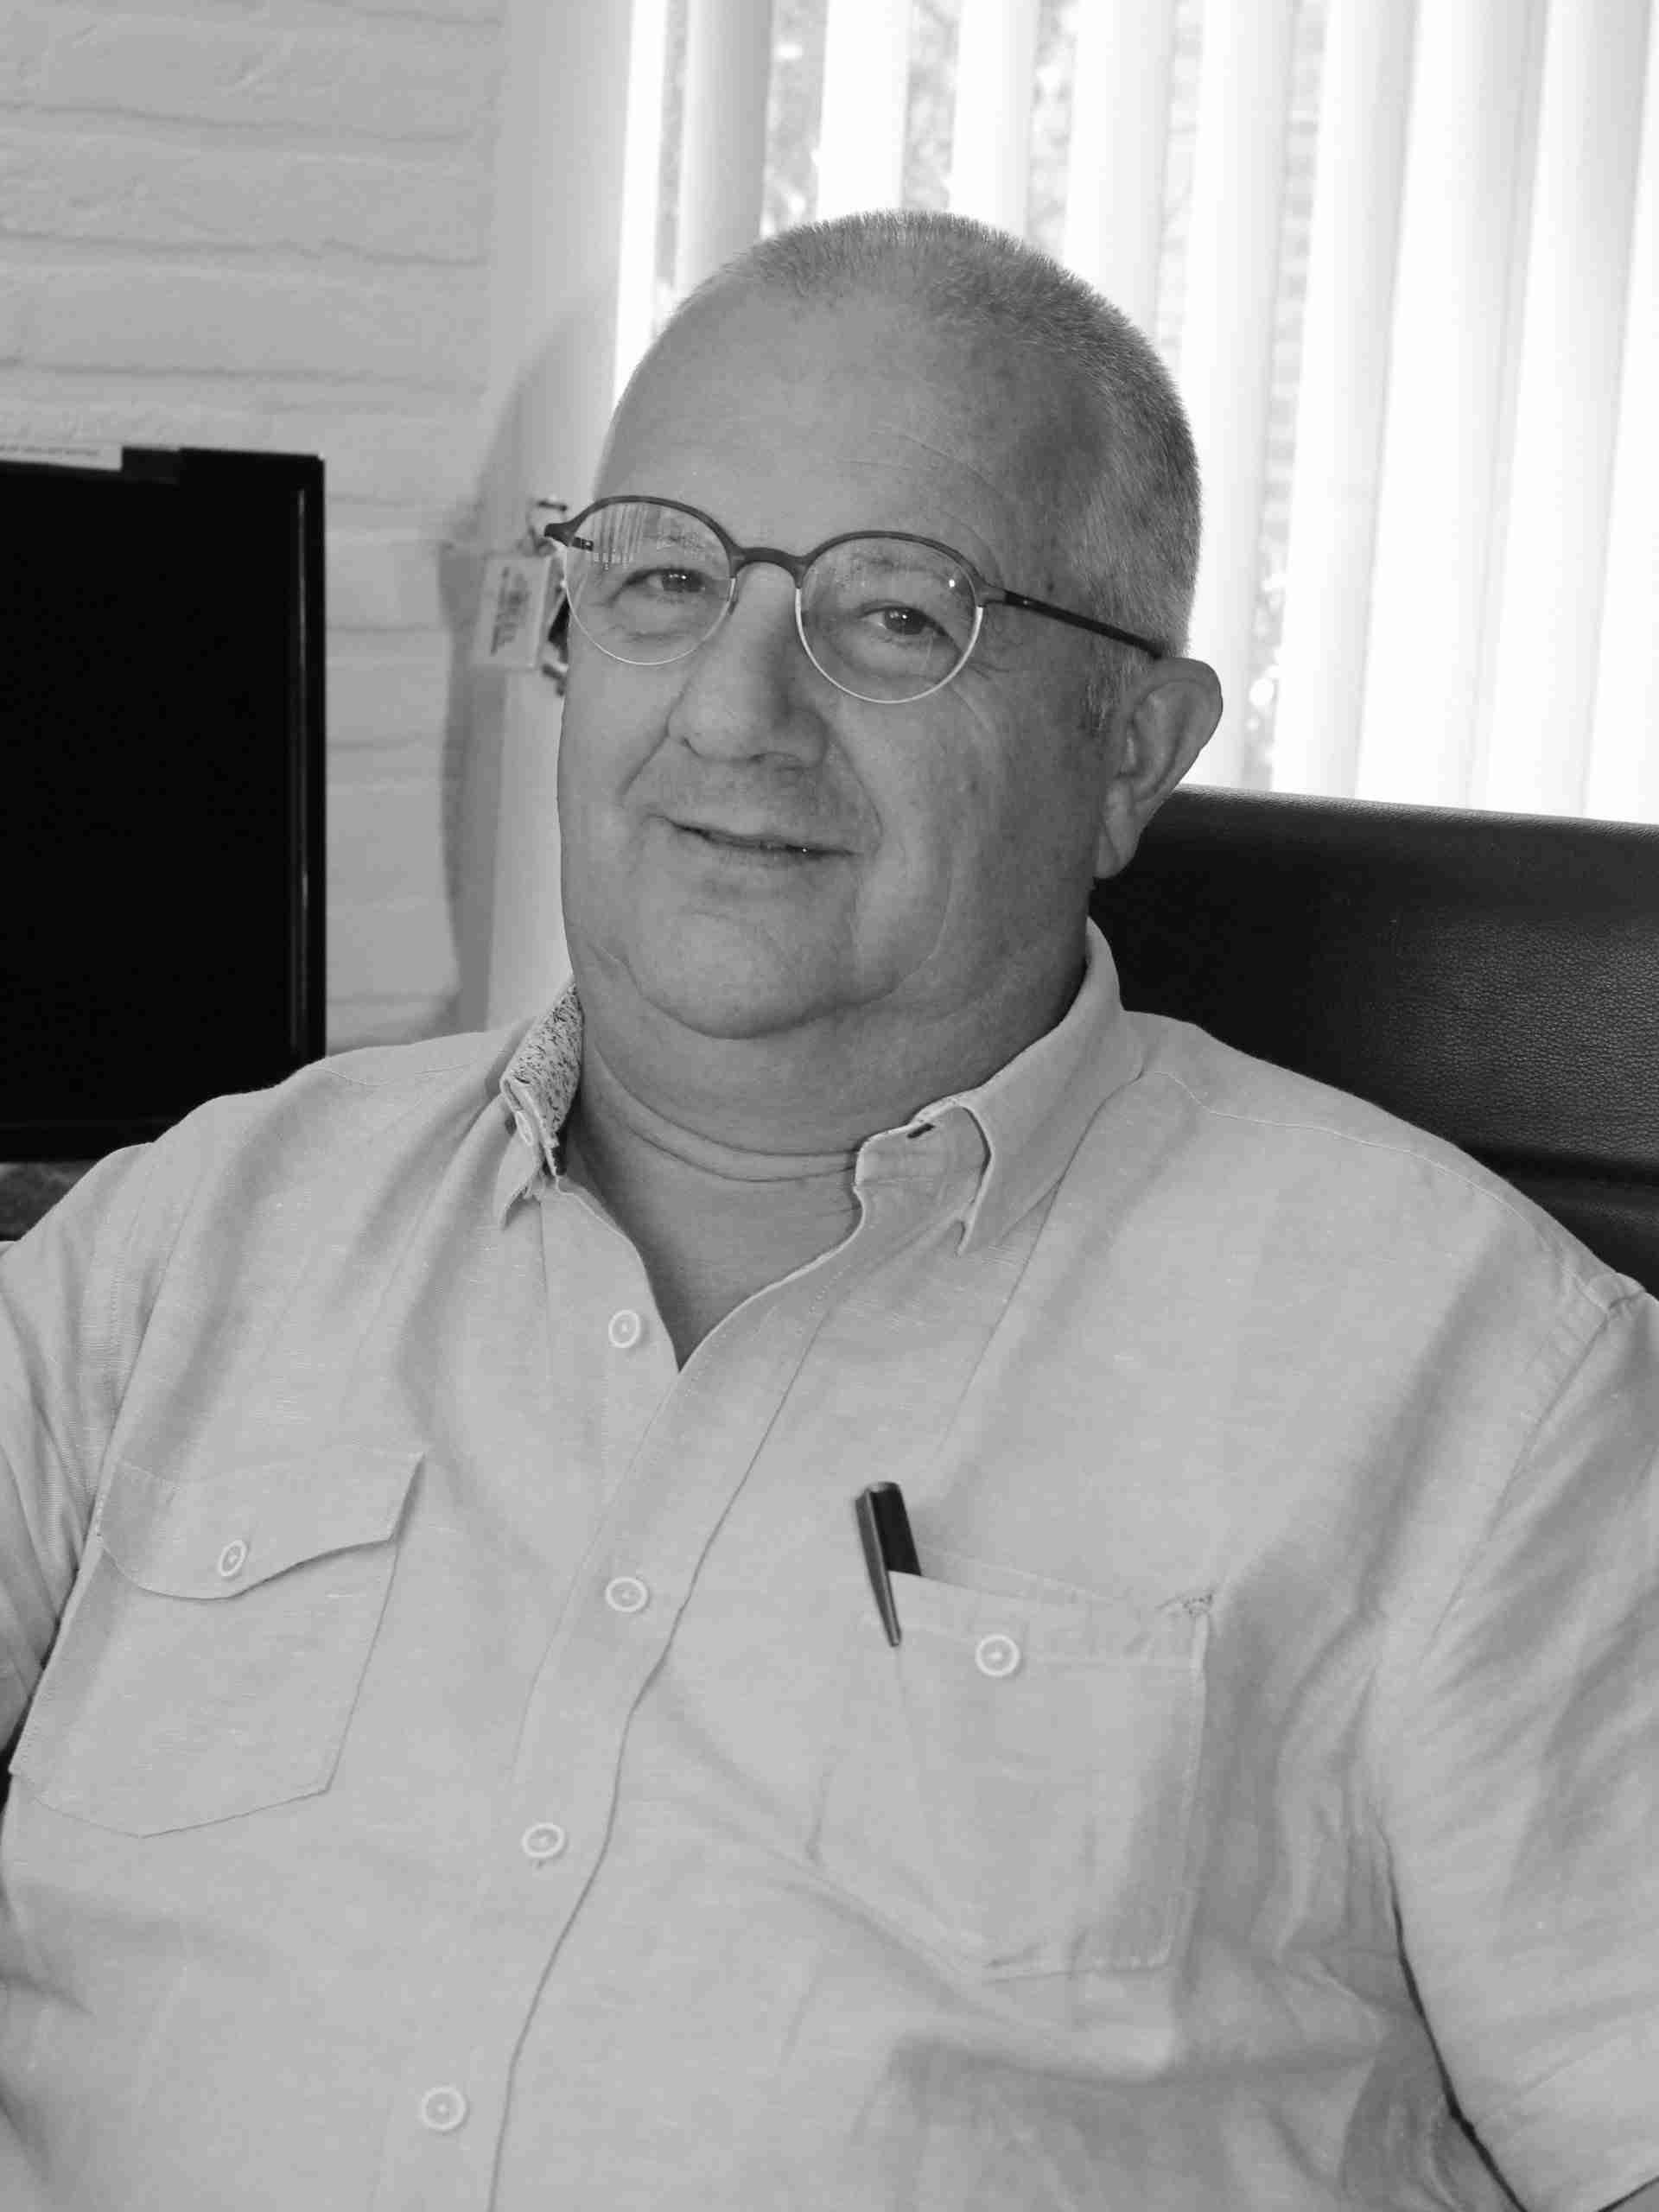 Gerry Polfliet